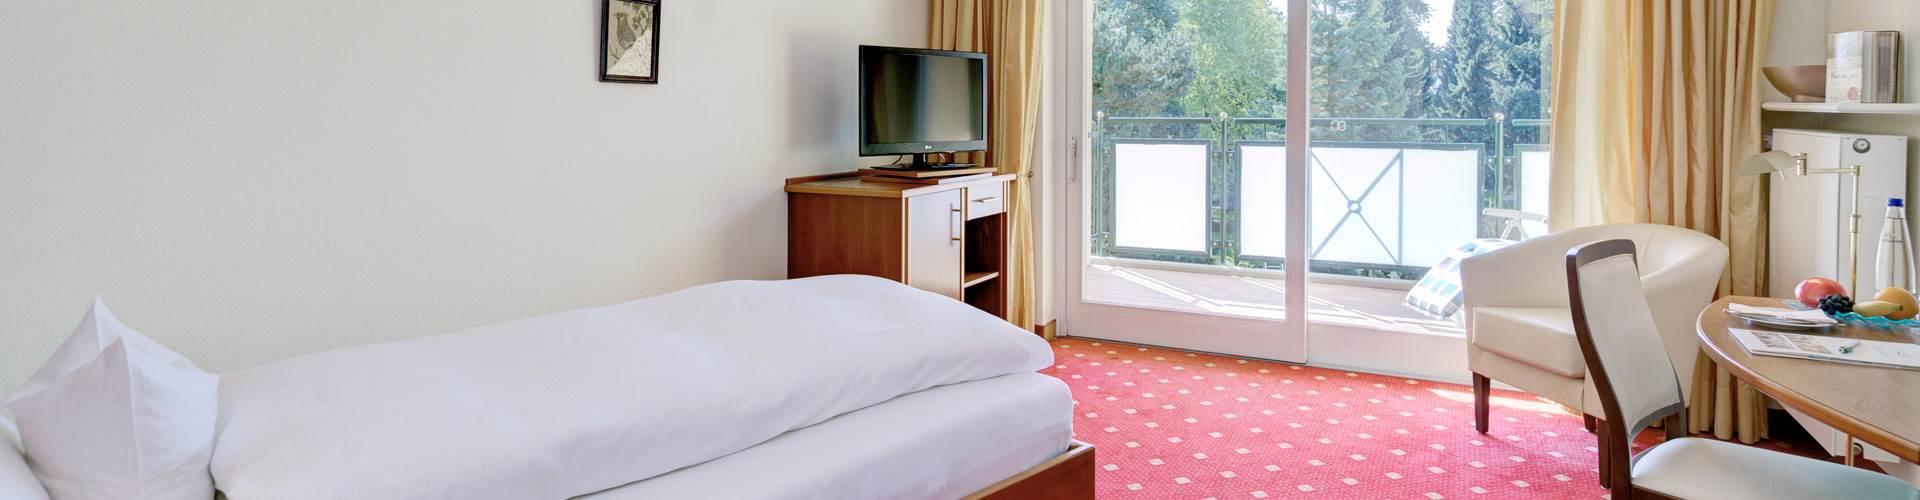 Bett vom Einzelzimmer Therme